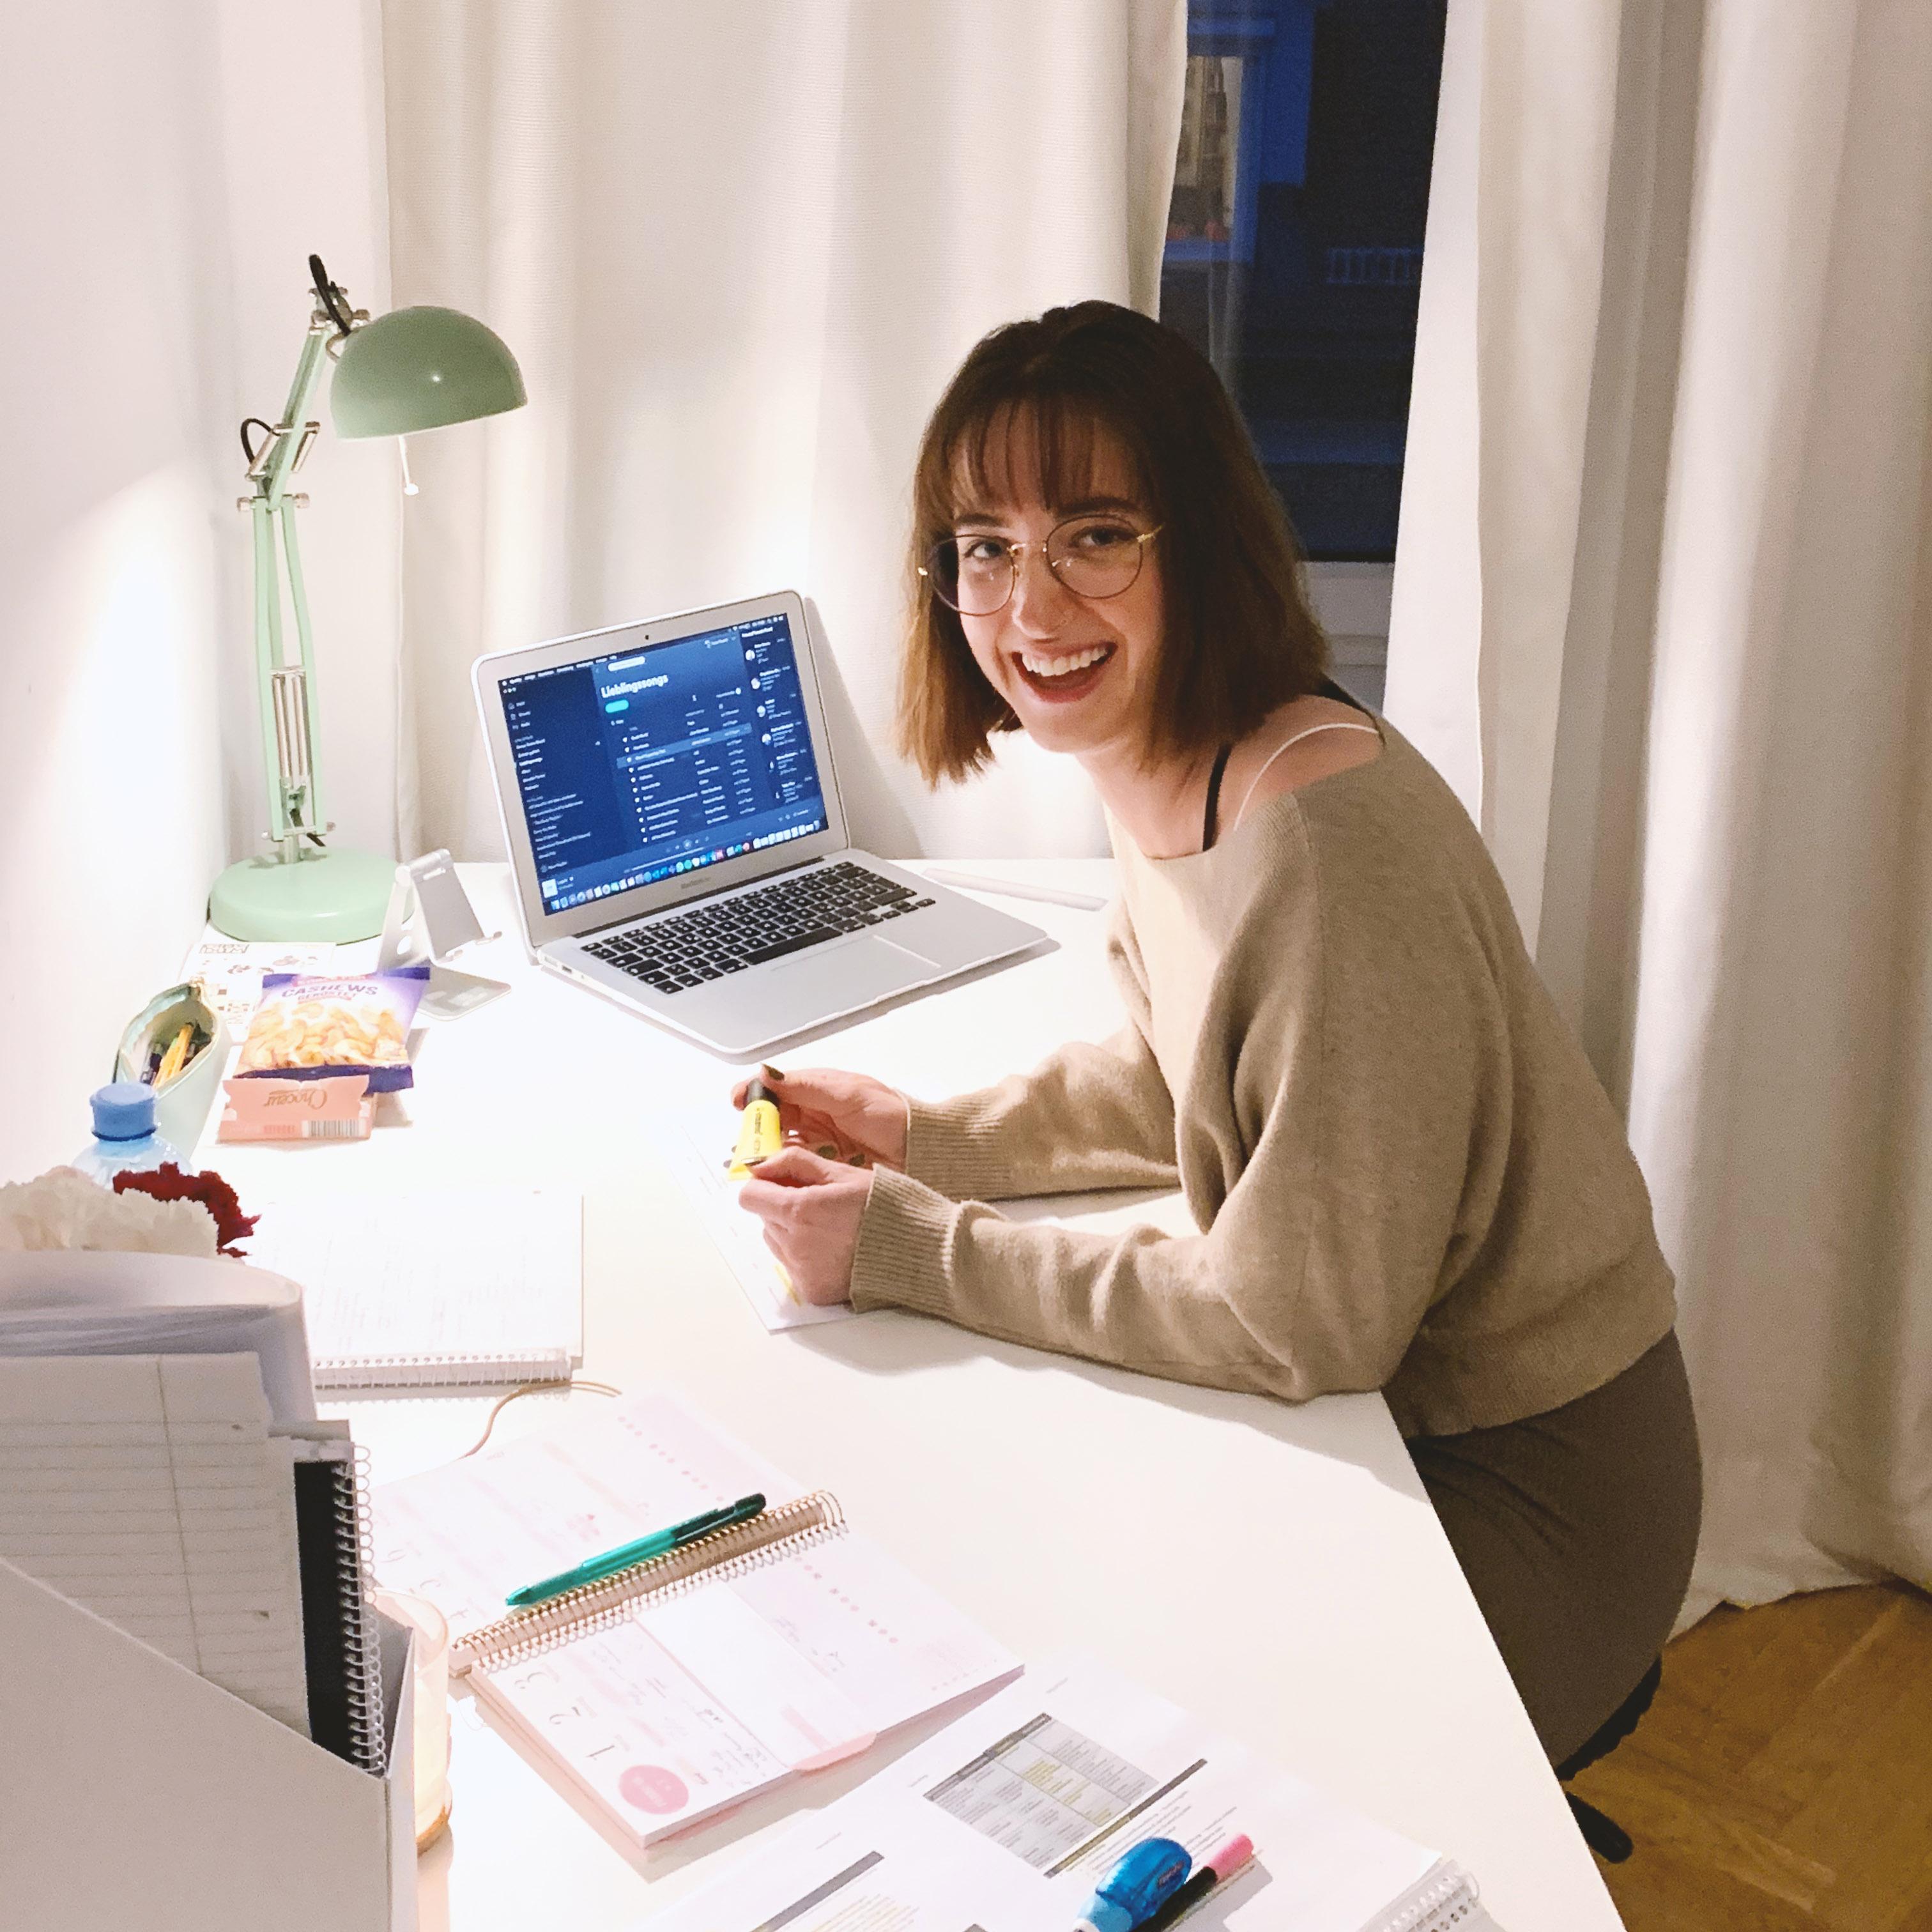 Anna musste ihr Auslandssemester wie die meisten anderen Studierenden online absolvieren.